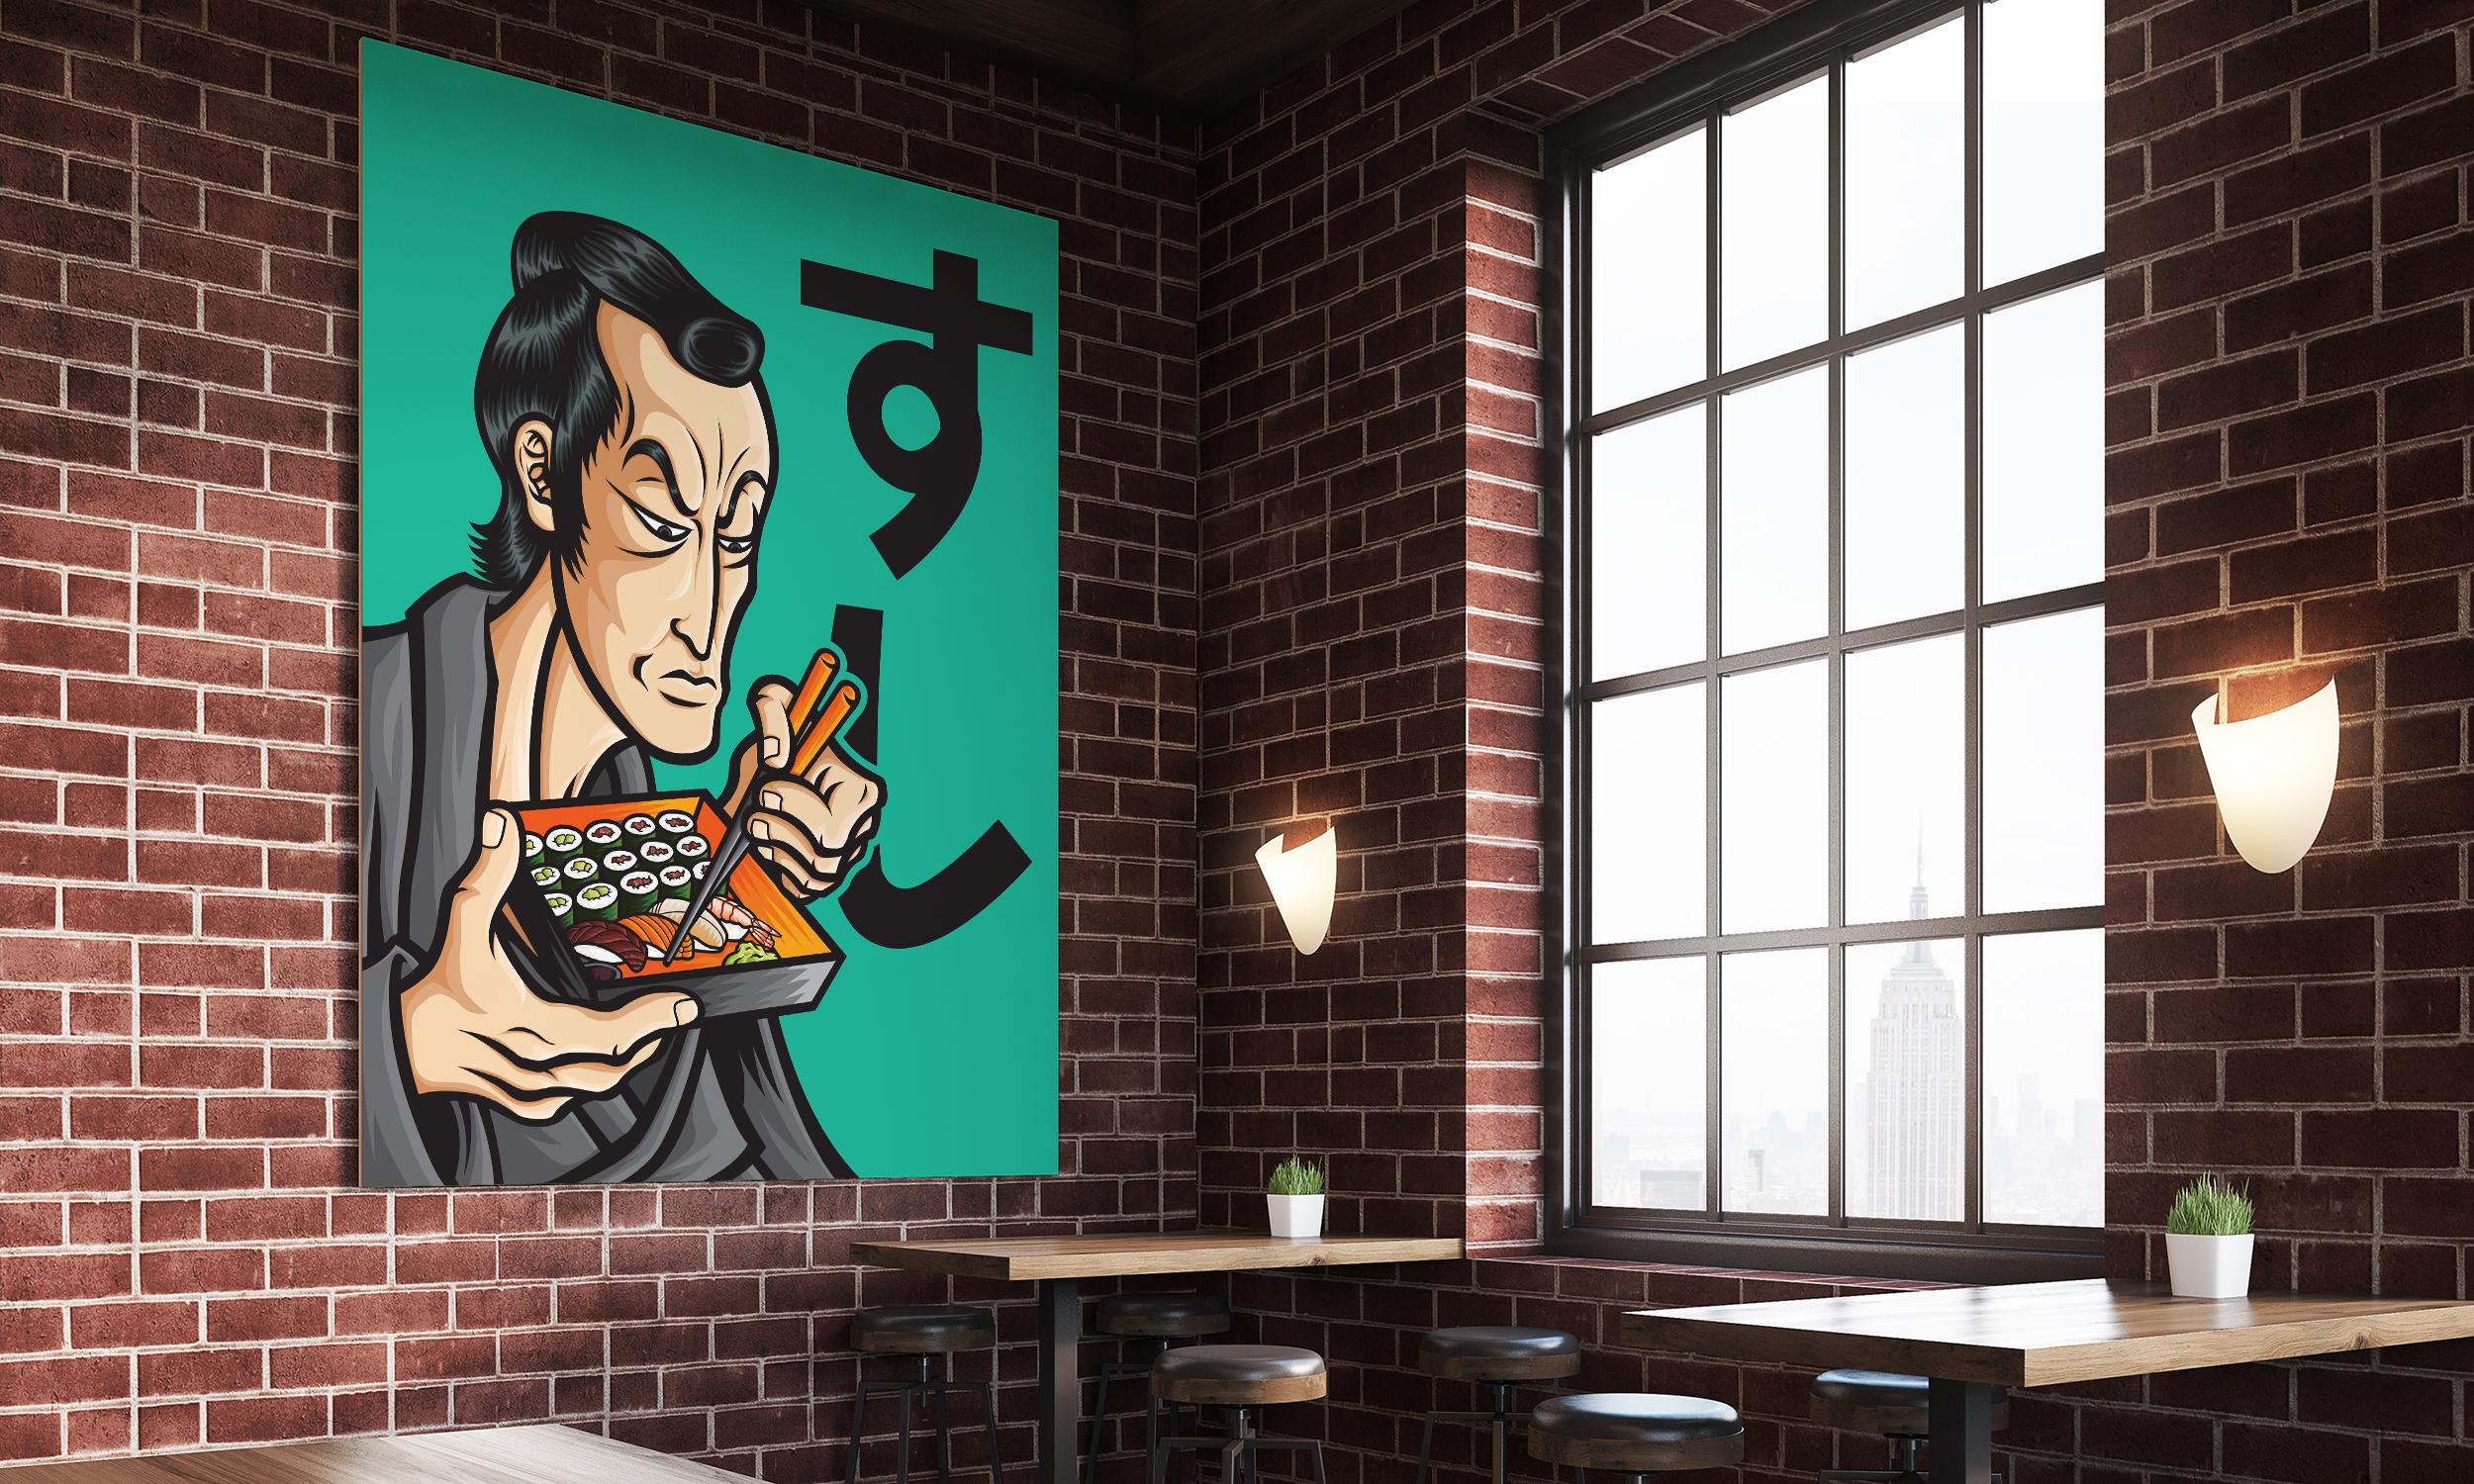 orozcodesign-stickermonster-SushiSamurai-RestauranMockjpg.jpg